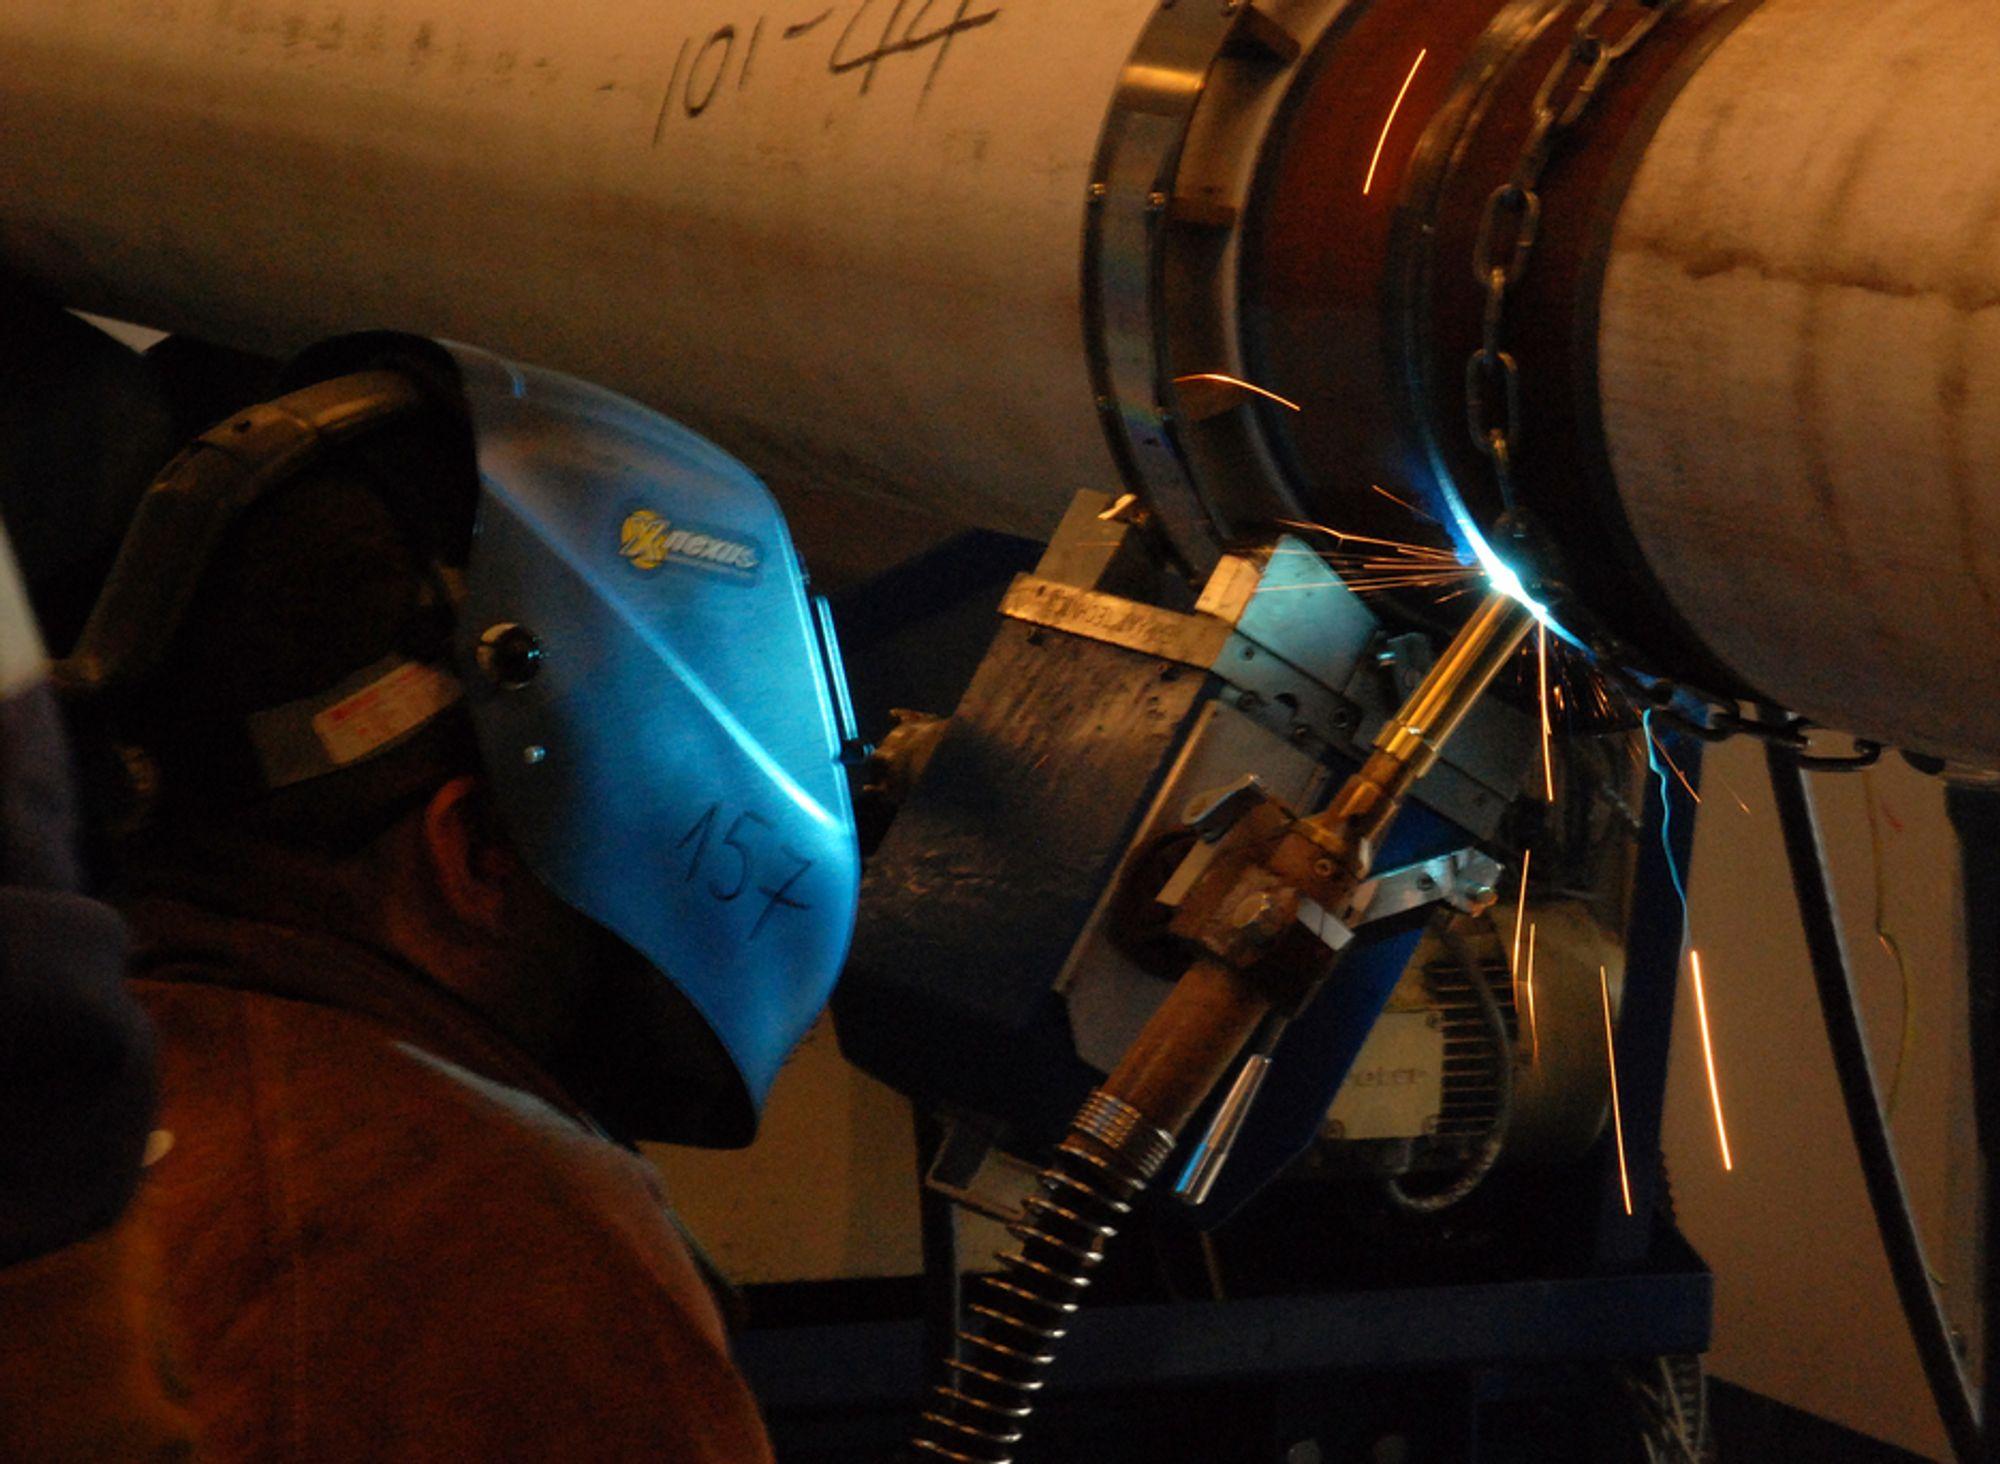 STORKONTRAKT: Subsea 7 skal ta seg av inspeksjon, vedlikehold og reparasjoner av undervannsinstallasjoner og rørledninger for Statoil de neste fem årene. Bildet er fra Subsea 7s spolebase på Vigra.